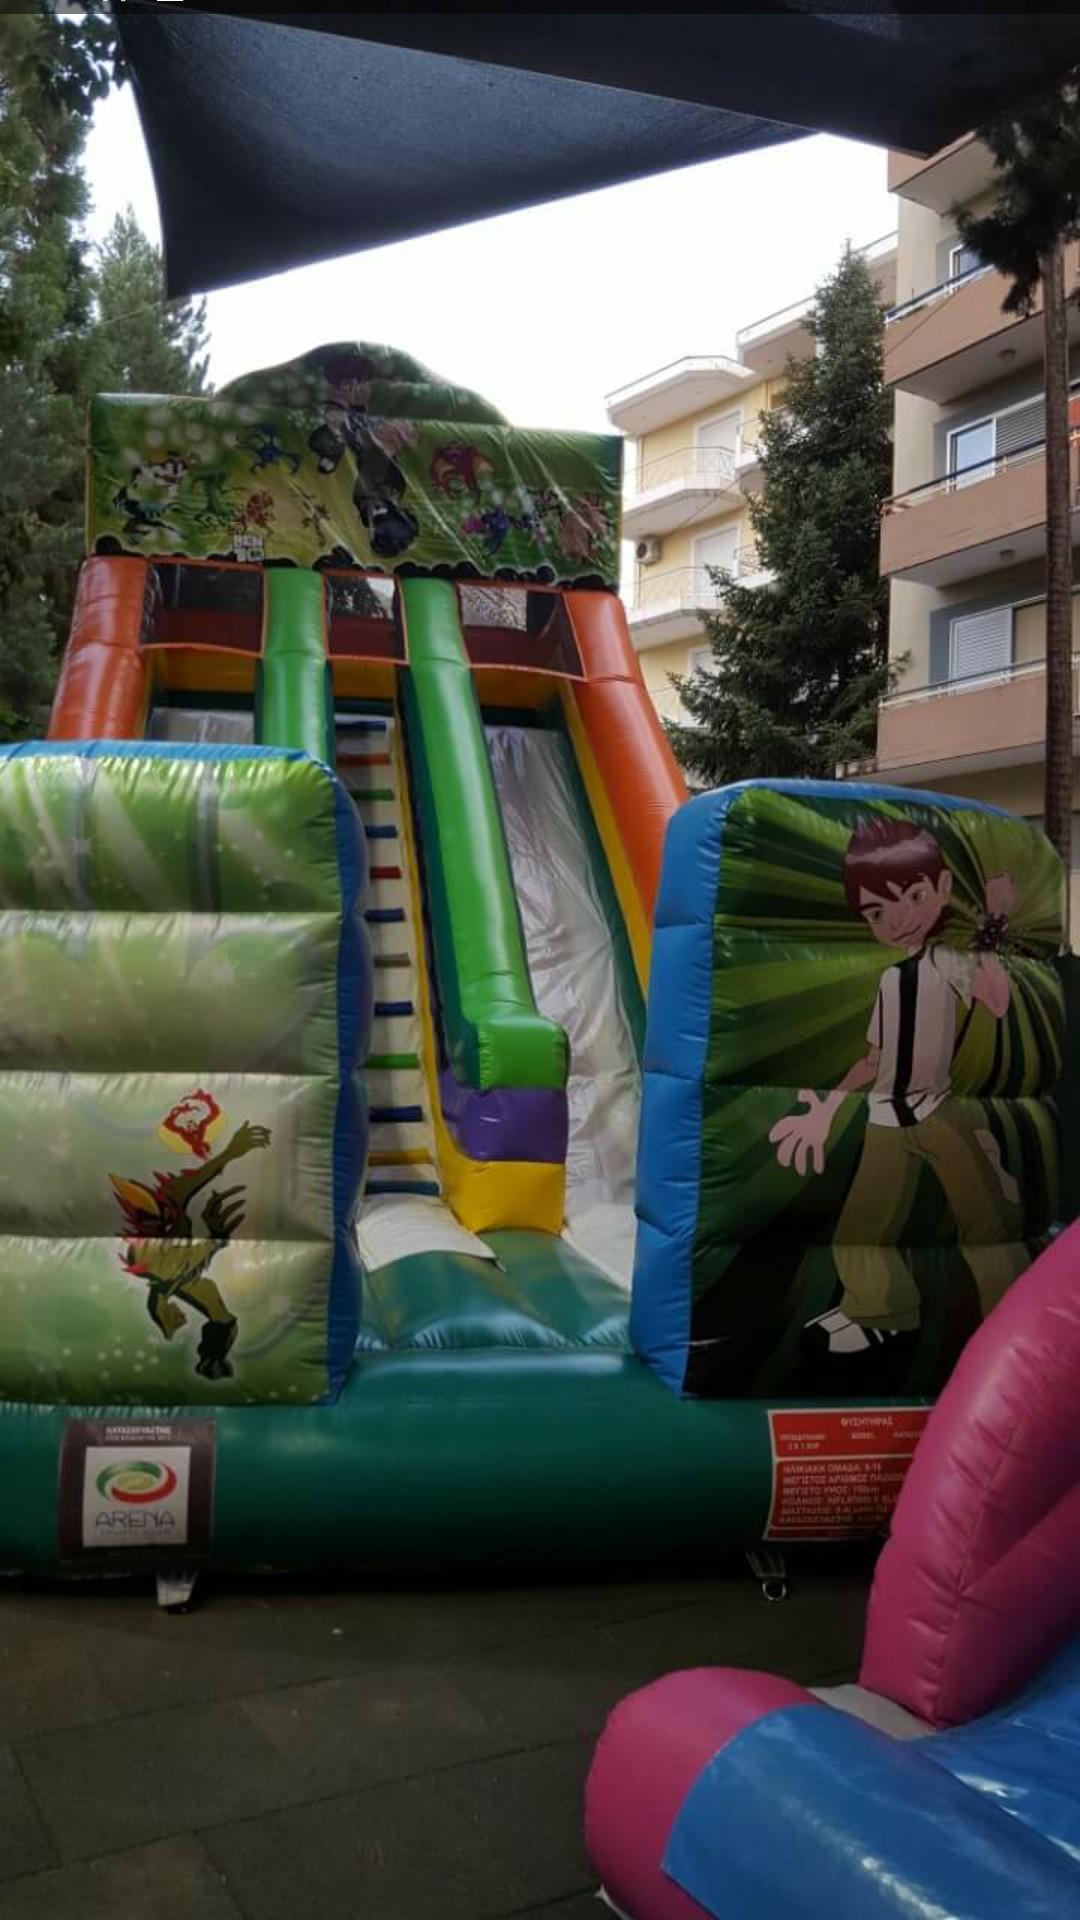 Διαθέσιμα φουσκωτά παιχνίδια για πώληση Αθήνα, Πωλήσεις φουσκωτών παιχνιδιών Αθήνα, Φουσκωτά παιχνίδια σε άριστη κατάσταση Αθήνα